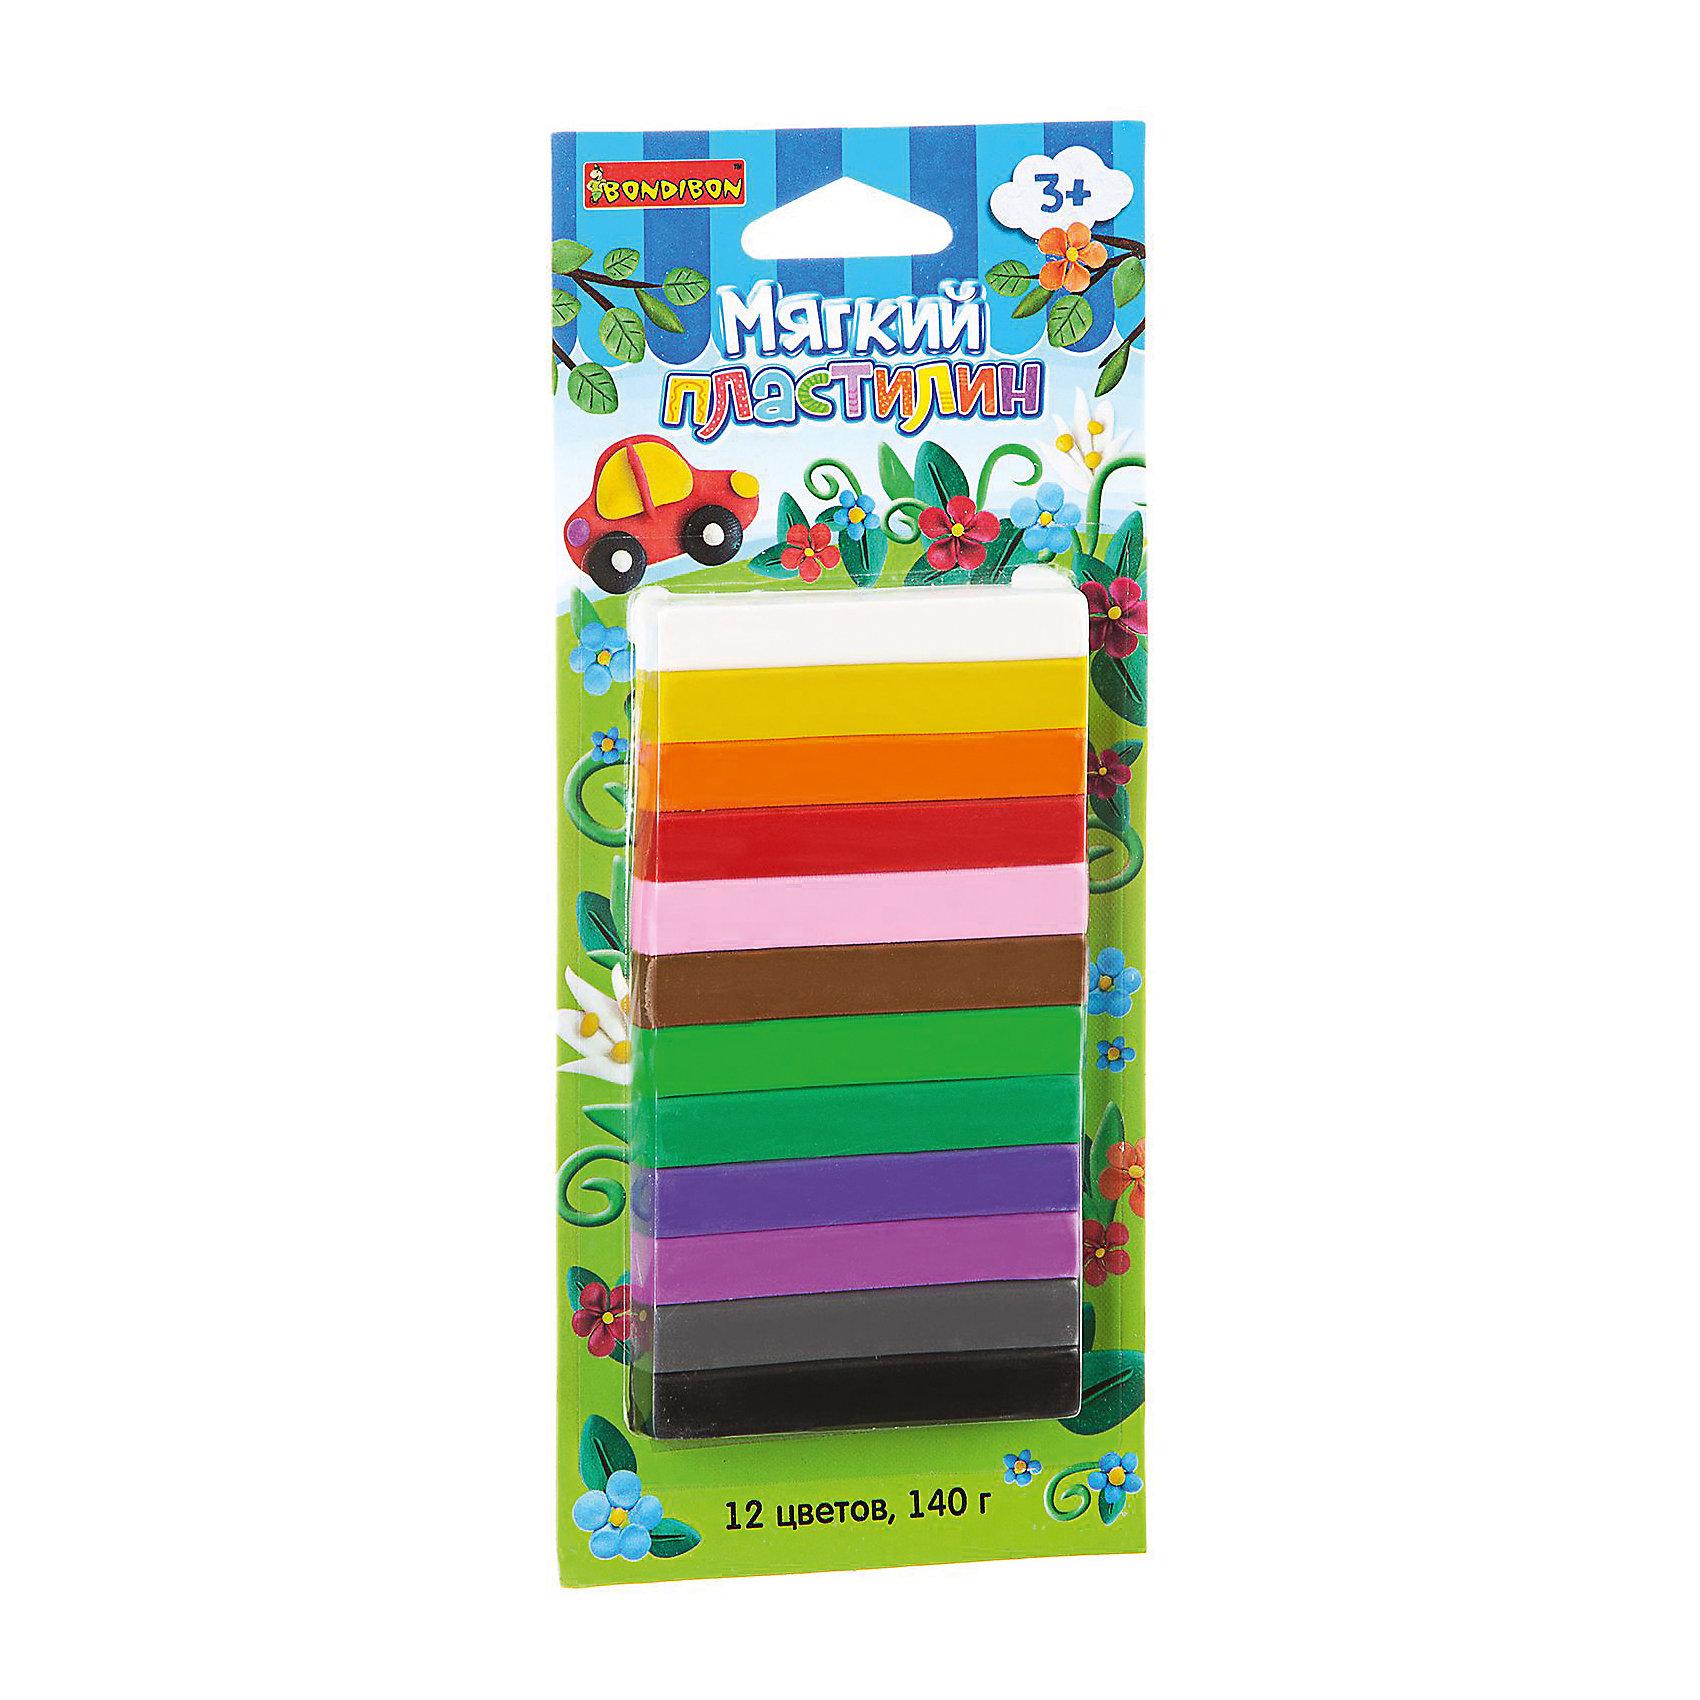 Мягкий пластилин 12 цветов, 140 г, BondibonЛепка<br>Мягкий пластилин ТМ BONDIBON разработан специально для маленьких детей. Не требует предварительного разминания. С помощью мягкого пластилина можно не только лепить, но и создавать объемные рисунки на бумаге или другой плоской поверхности. Поможет весело и пользой провести время, и развить мелкую моторику, фантазию, воображение и творческий потенциал Вашего малыша.<br><br>Ширина мм: 220<br>Глубина мм: 95<br>Высота мм: 10<br>Вес г: 163<br>Возраст от месяцев: 36<br>Возраст до месяцев: 72<br>Пол: Унисекс<br>Возраст: Детский<br>SKU: 5398953